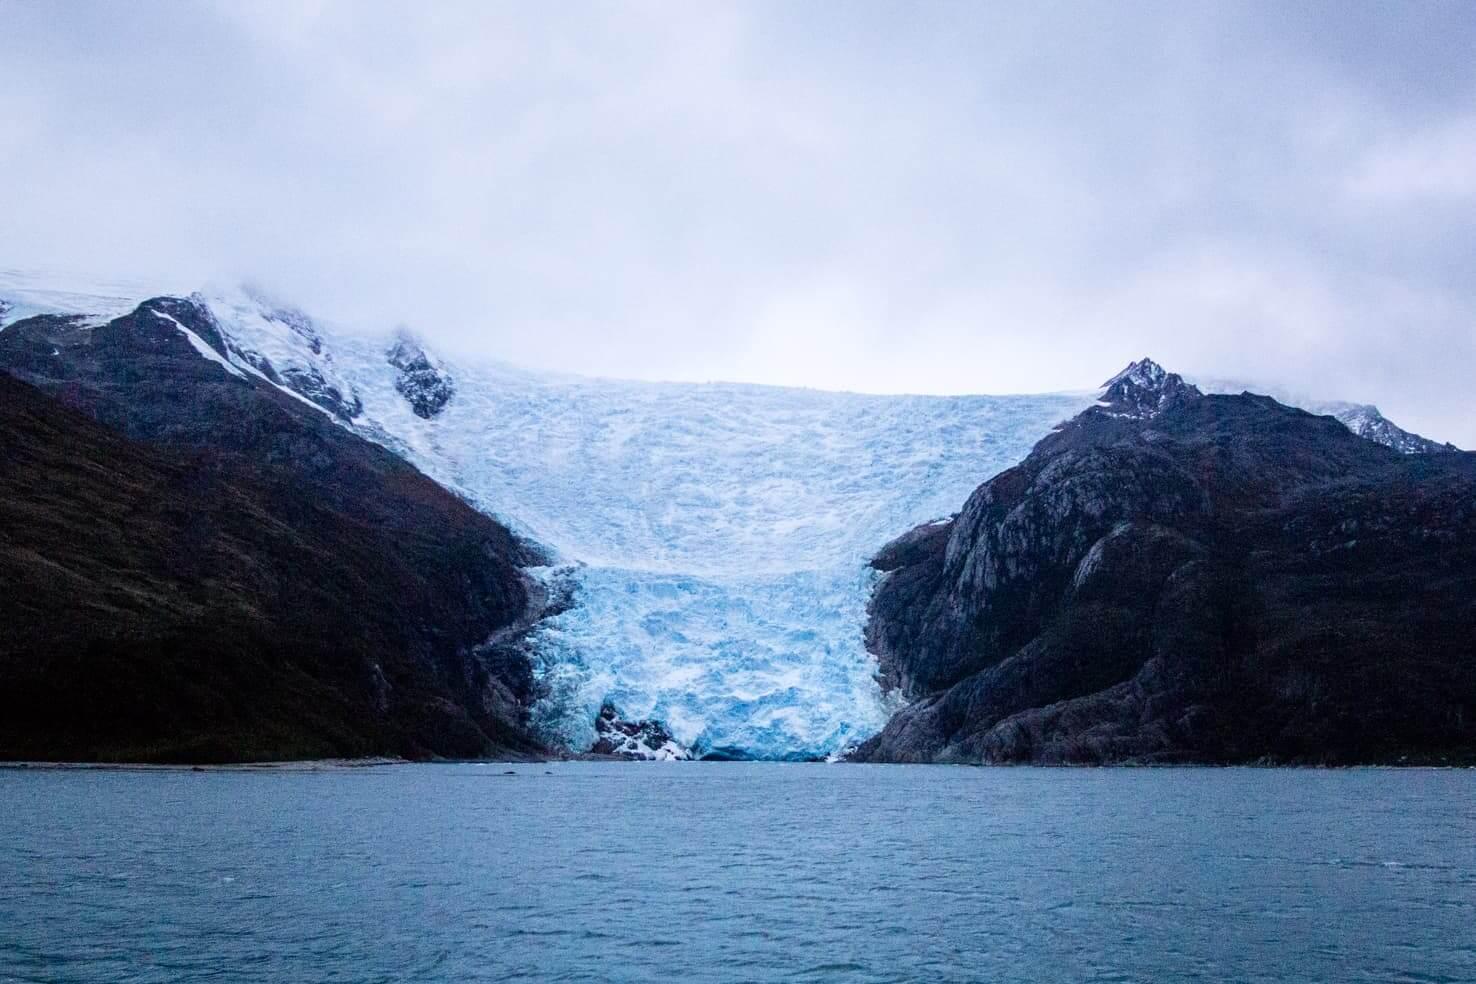 Puerto Williams, Chile - southernmost city in the world - Glacier Italia